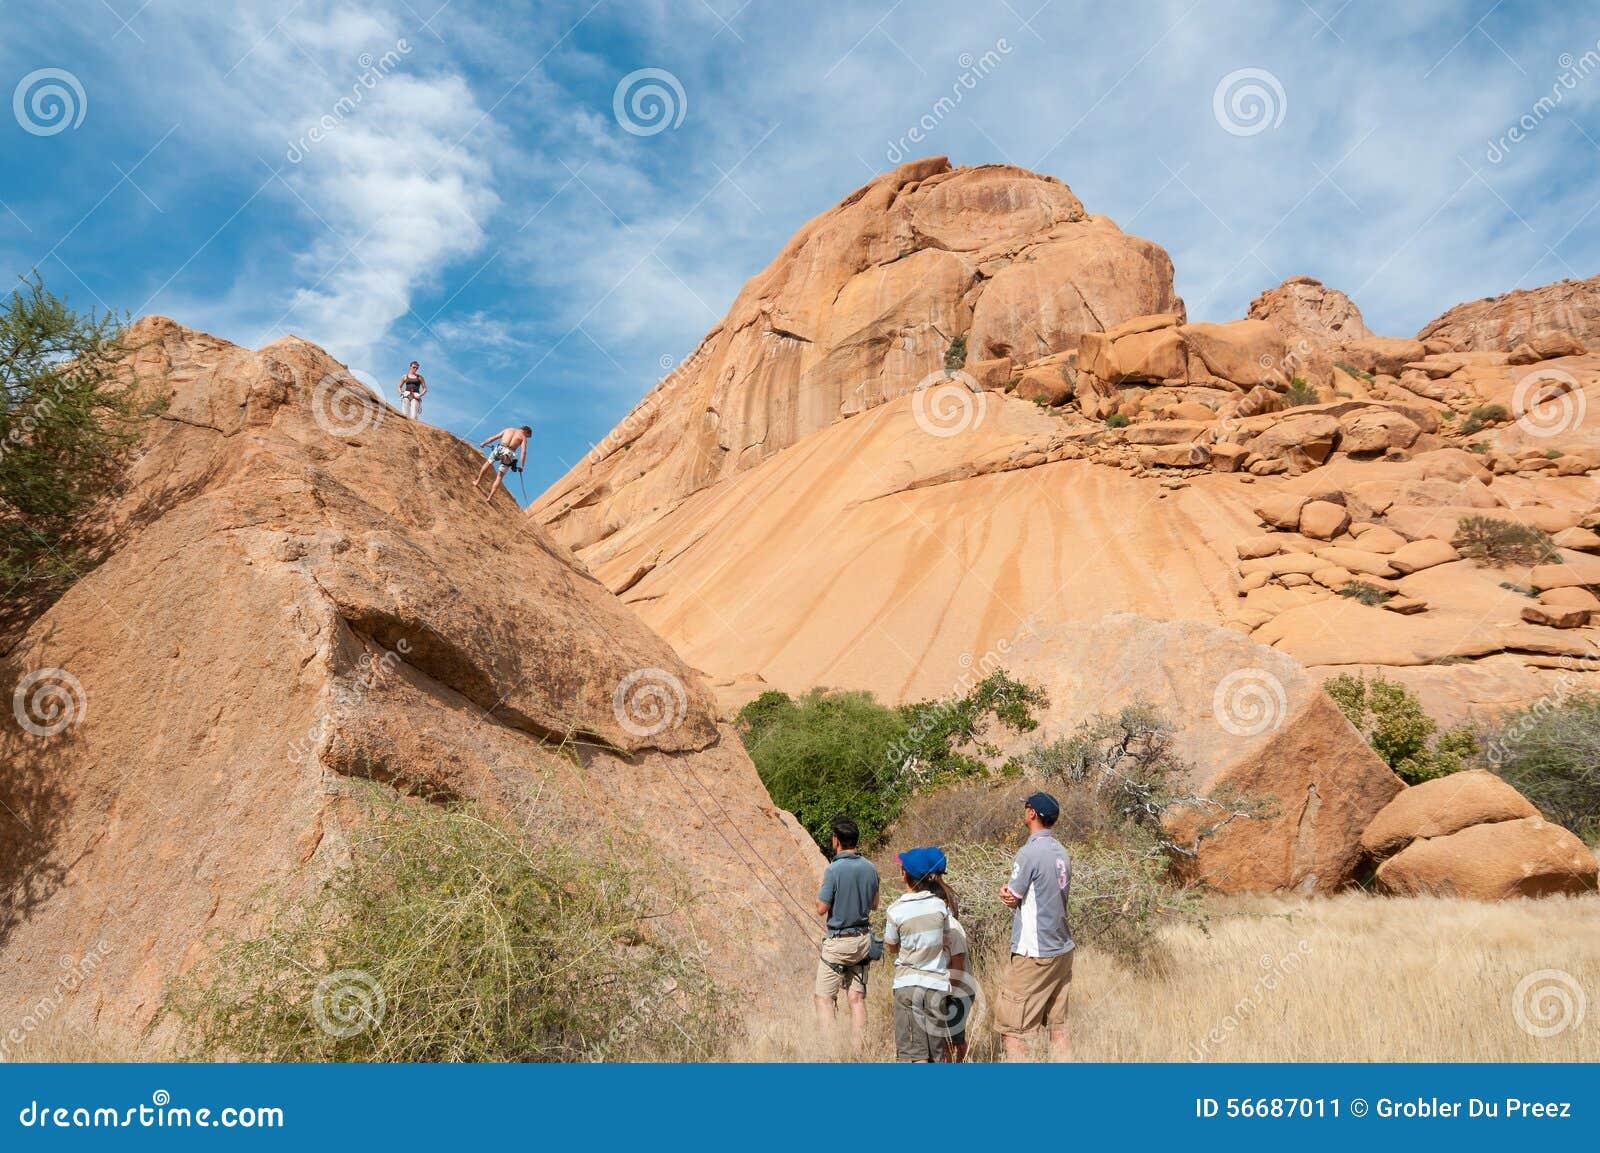 Escaladores de roca en Spitzkoppe